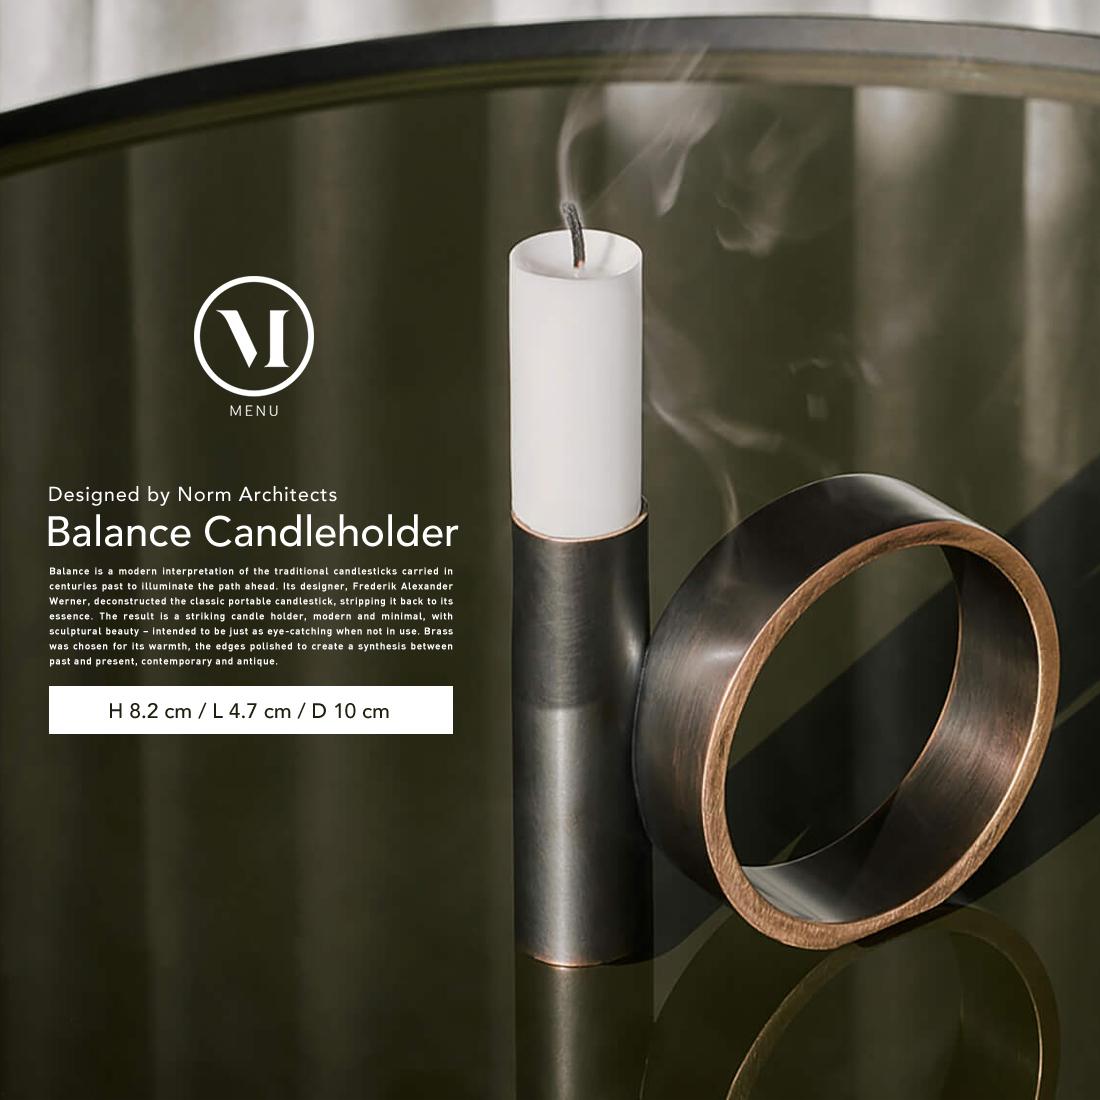 【menu メニュー】Balance Candleholder バランスキャンドルホルダー ブロンズブラス 燭台 ろうそく立て【コンビニ受取対応商品】